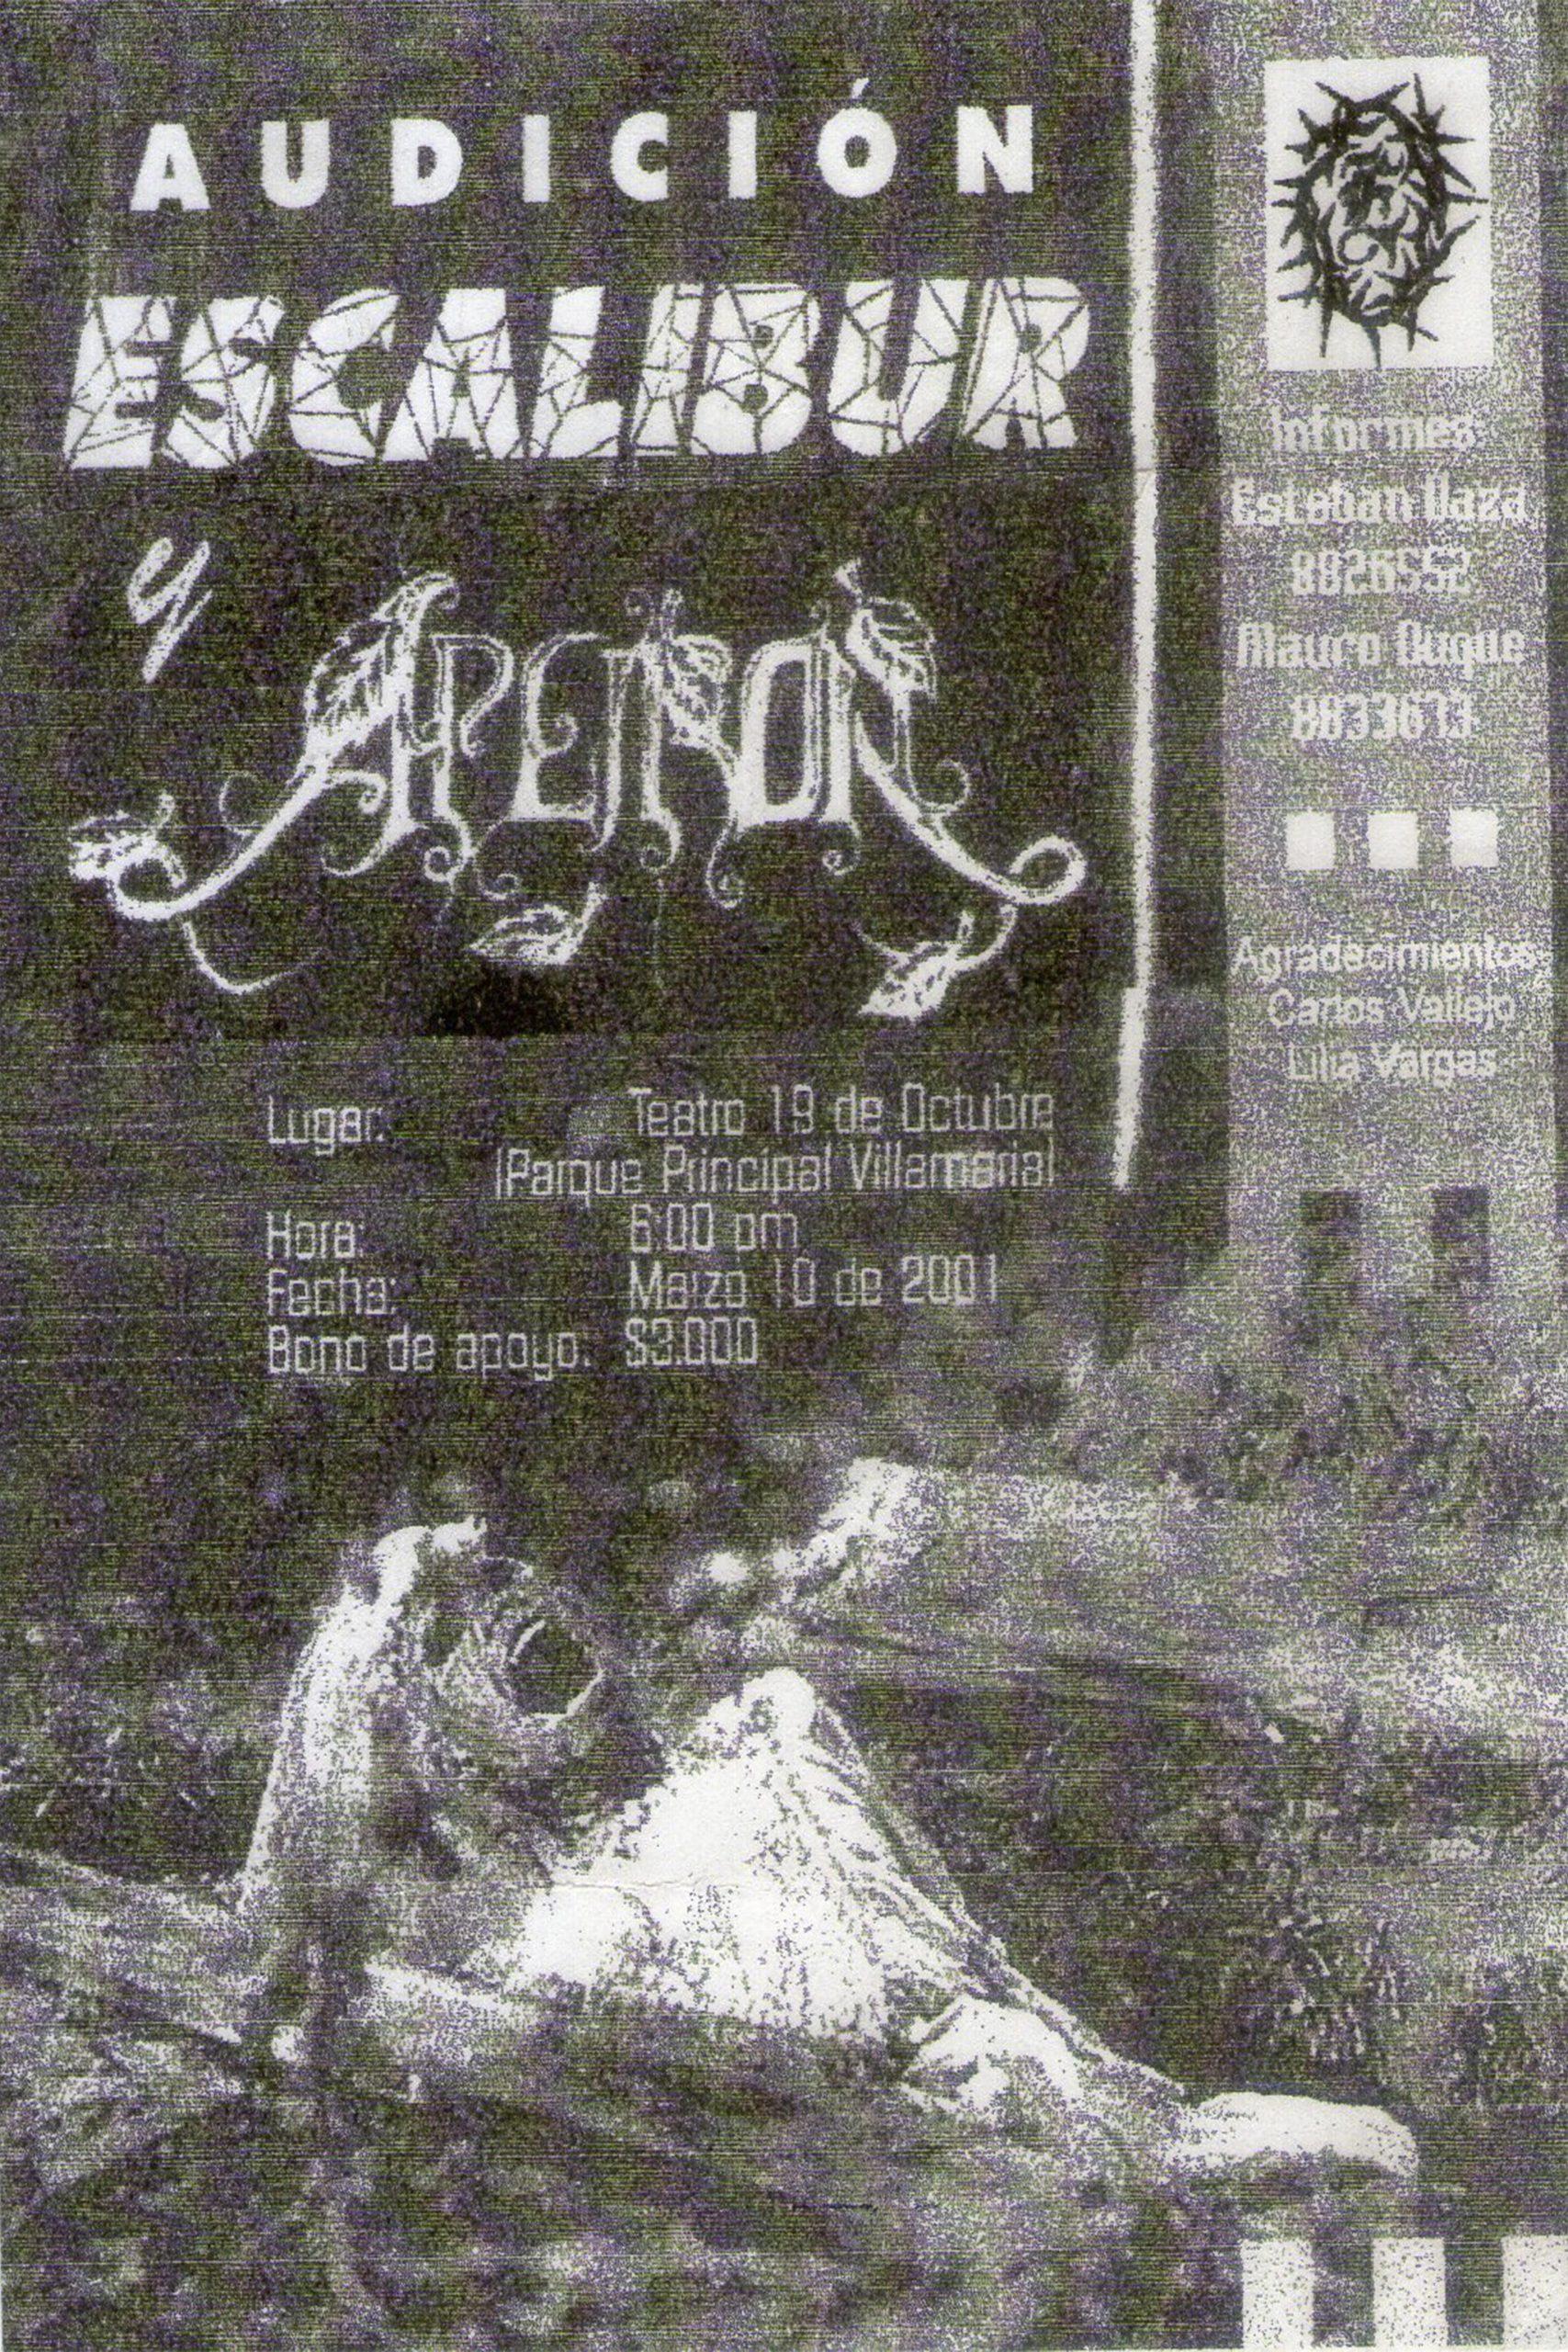 Escalibur-Apeiron